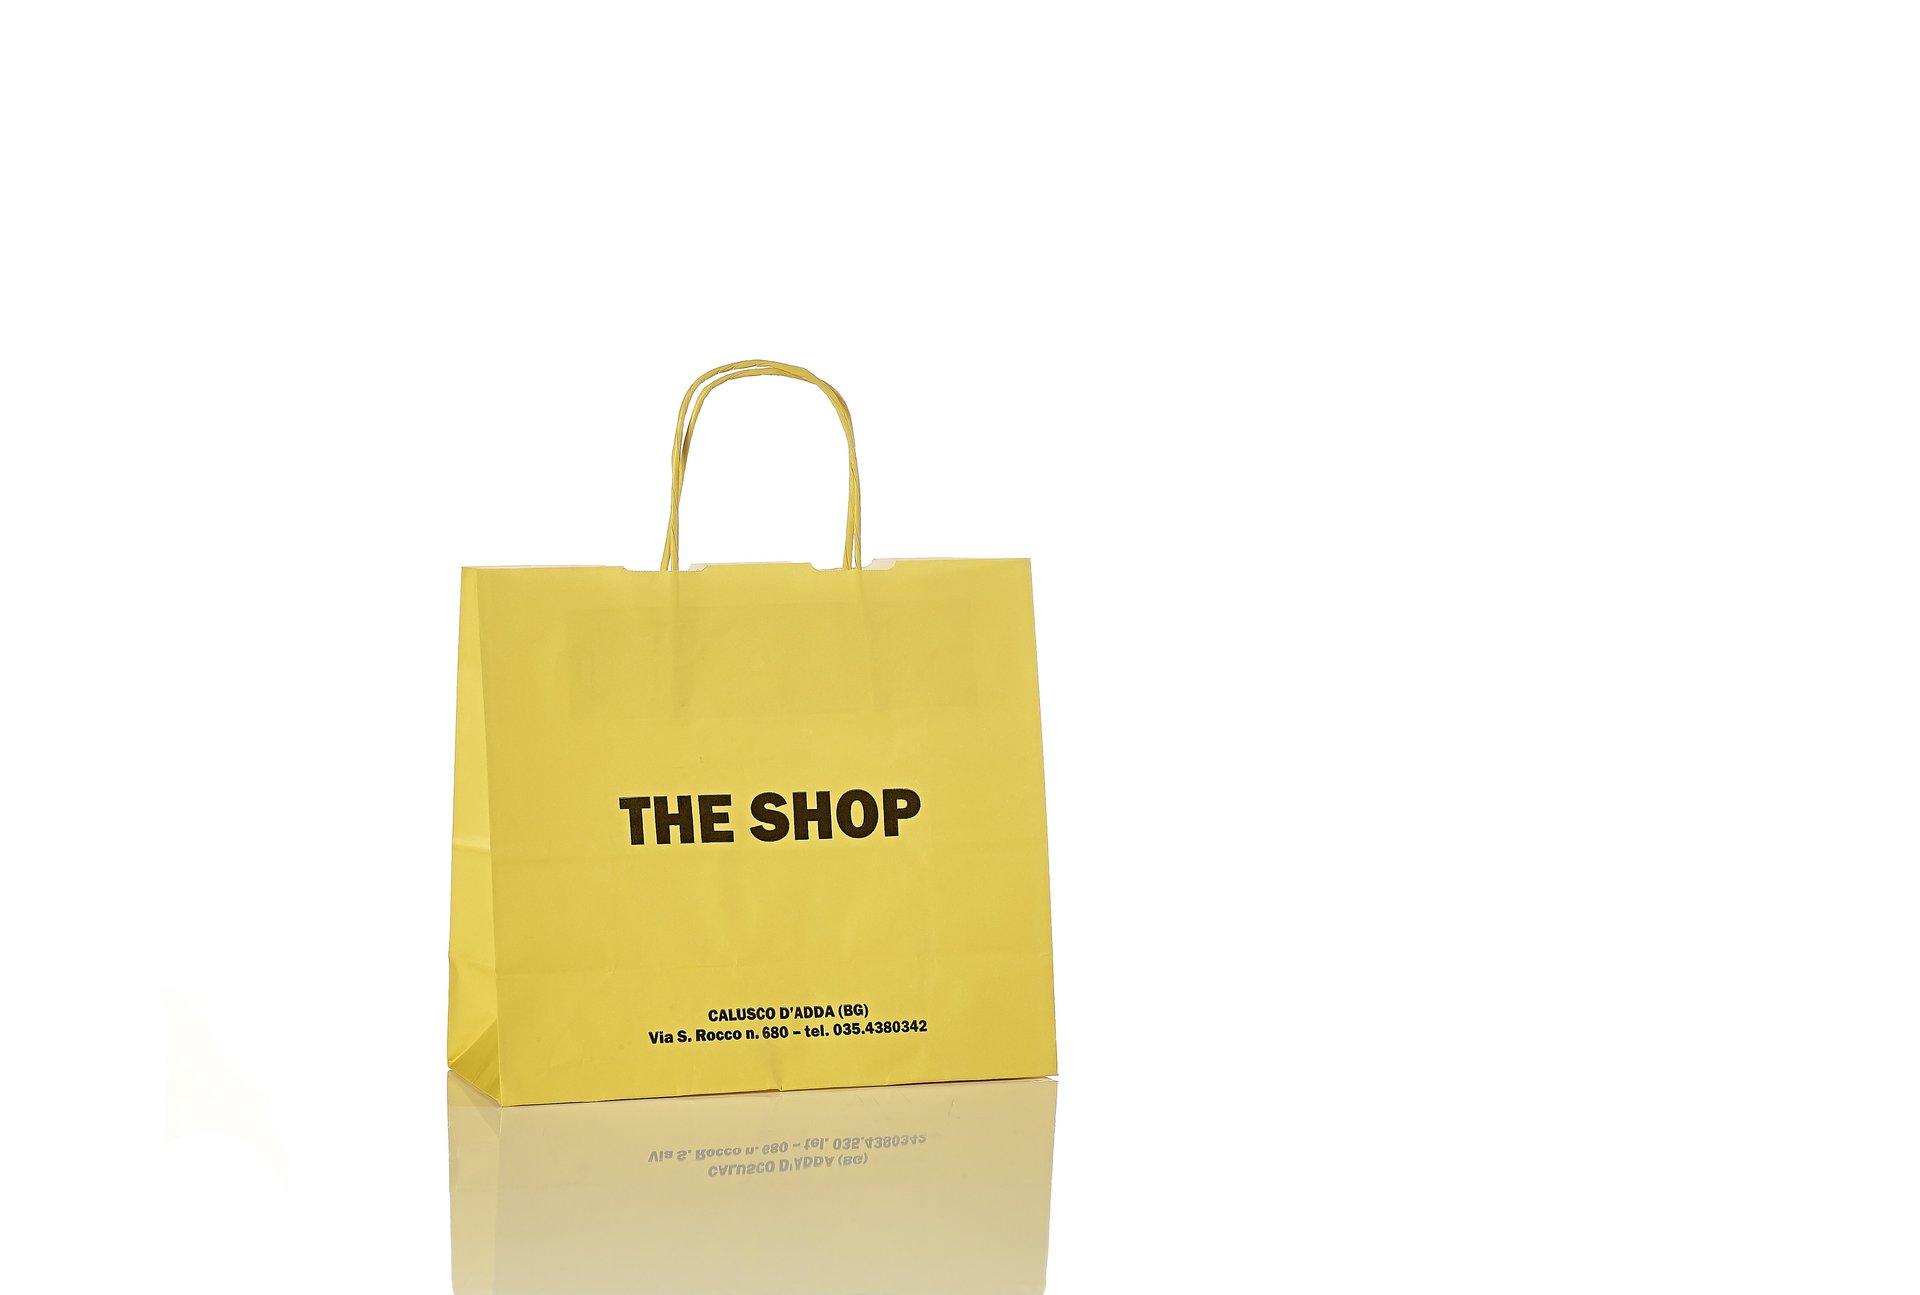 Sacchetto in carta gialla The Shop